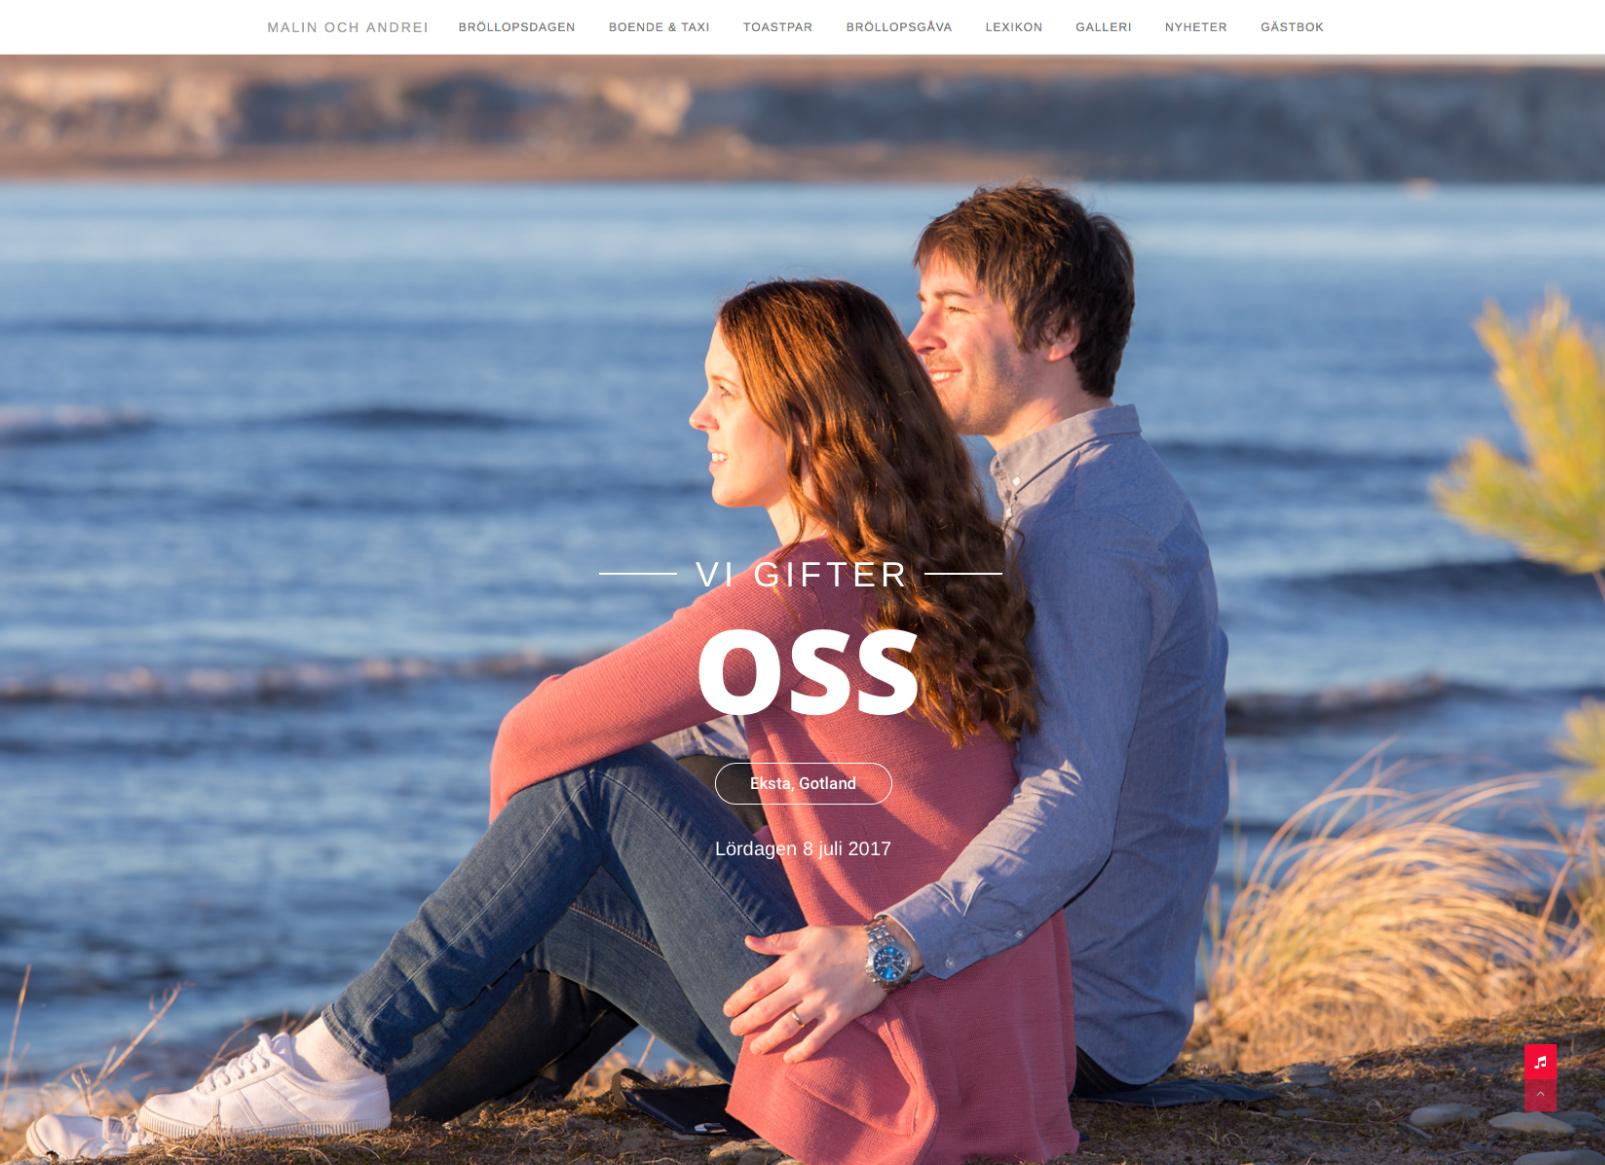 Malin och Andrei hemsida Alexa Produktion